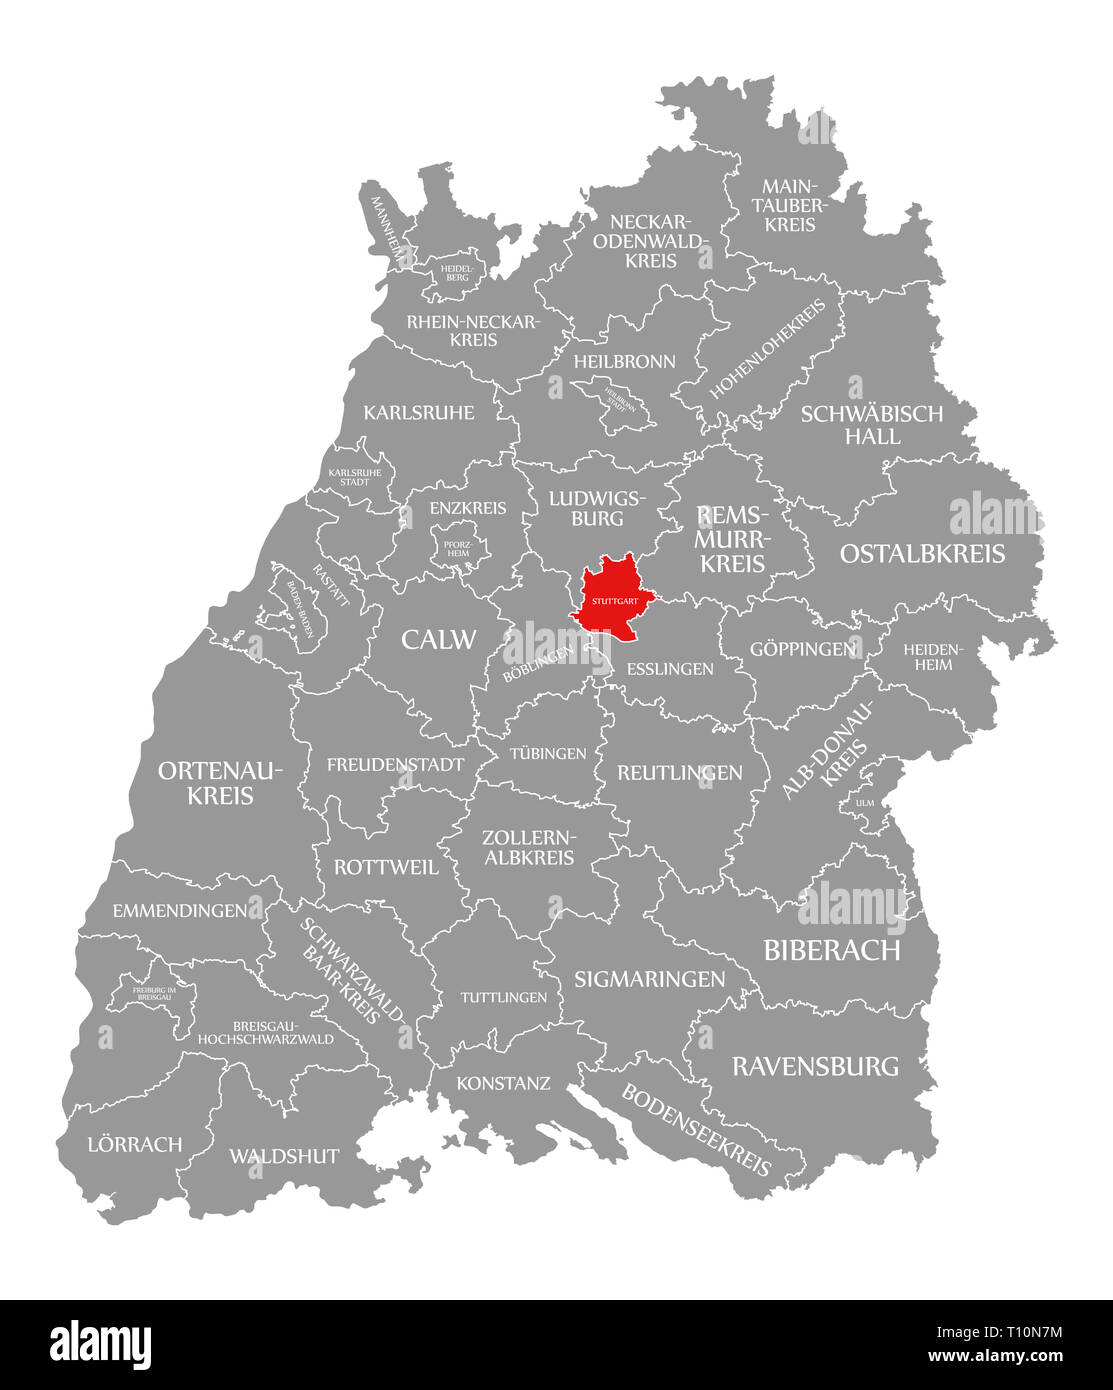 Stuttgart County In Rot Hervorgehoben Karte Von Baden Wurttemberg